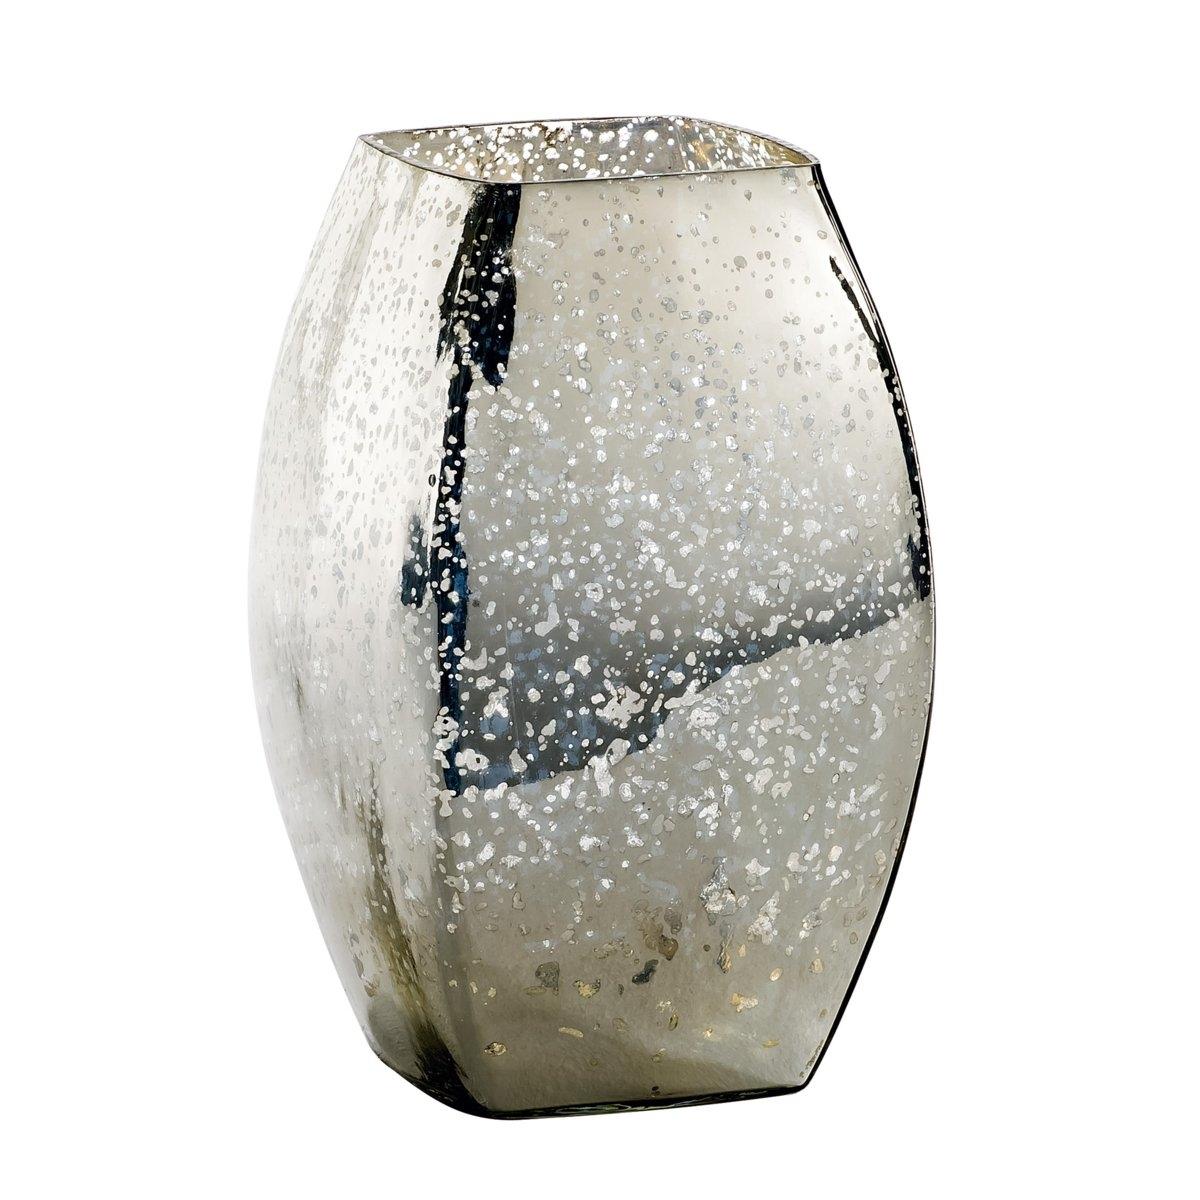 Ваза декоративная из стекла с напылением, EldaВаза декоративная из стекла с напылением, Elda. Замечательная ваза из стекла с напылением, элегантная и изящная... Вам понравится! Характеристики декоративной вазы из  стекла с напылением Elda    :Стекло с напылением.Найдите другие вазы и предметы декора. на сайте laredoute.ruРазмеры декоративной вазы с напылением Elda :Диаметр: 15 смВысота : 25 см.<br><br>Цвет: серый серебристый<br>Размер: единый размер